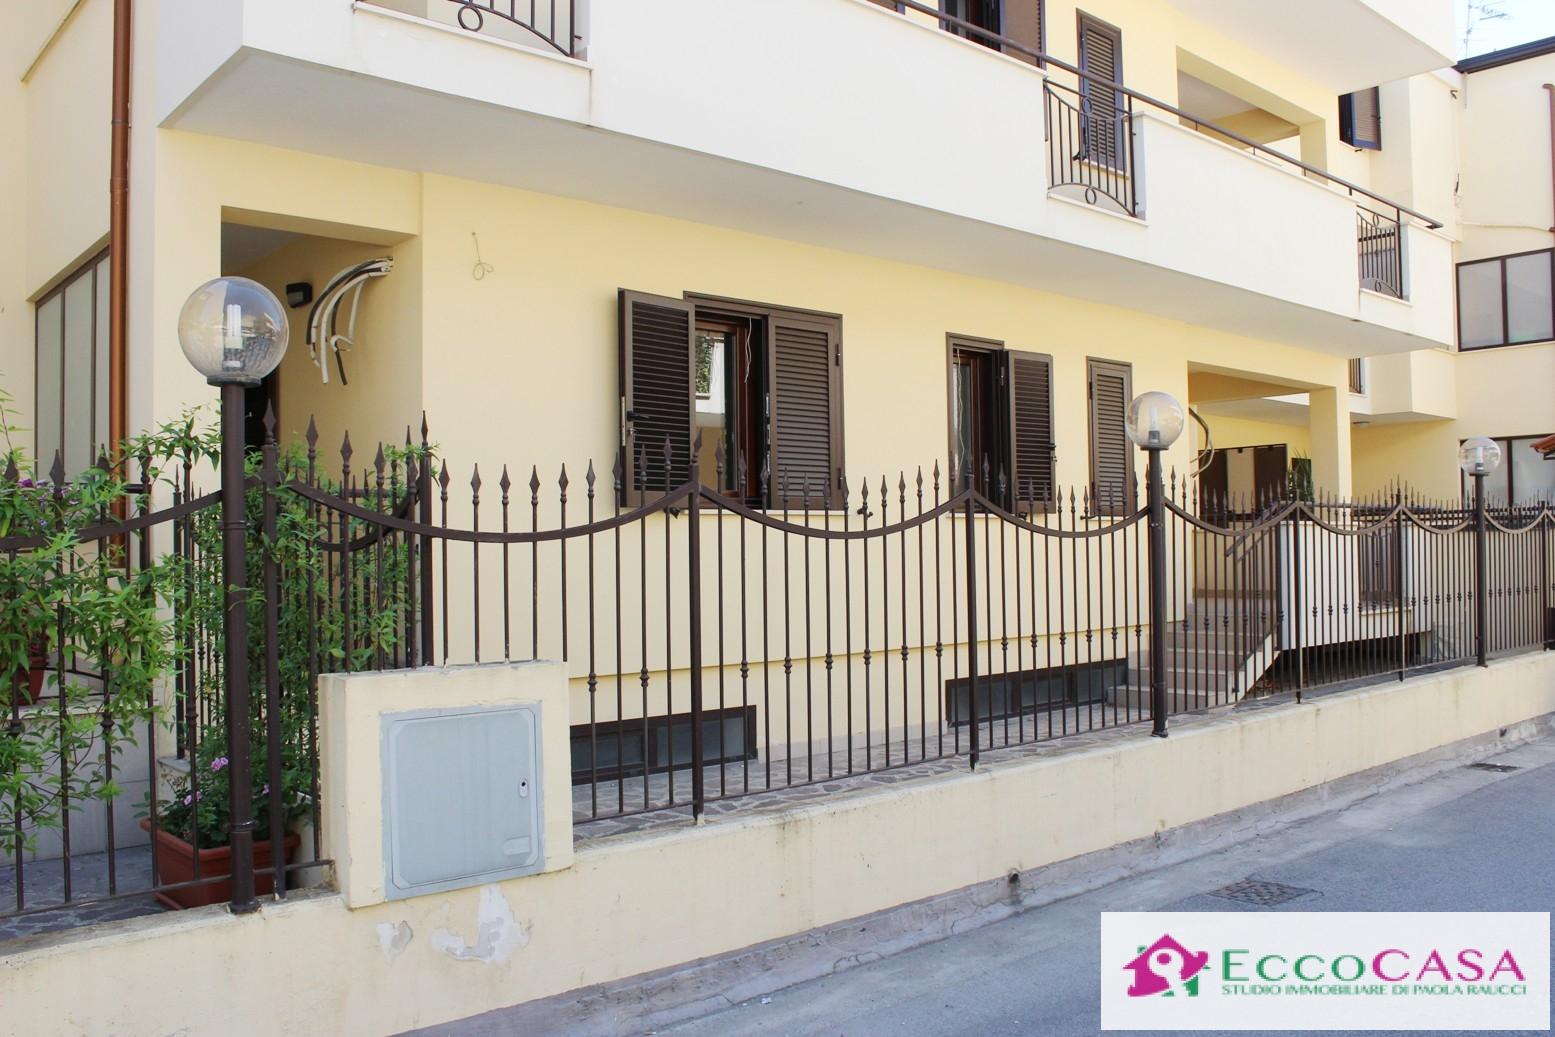 Appartamento in vendita a Maddaloni, 3 locali, prezzo € 175.000 | CambioCasa.it